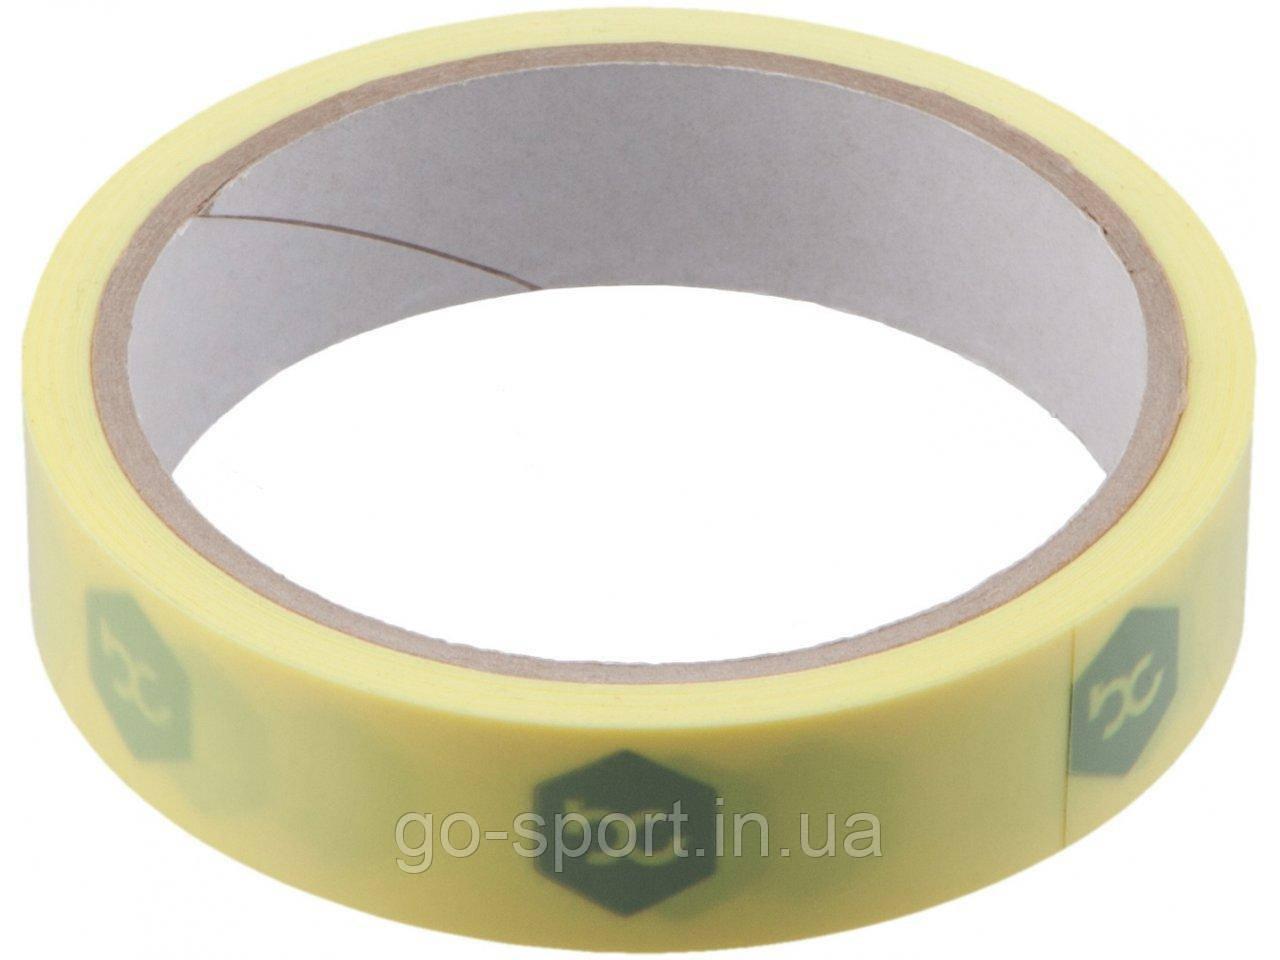 Лента Bc Adhesive Tubeless Rim Tape 10m 21mm